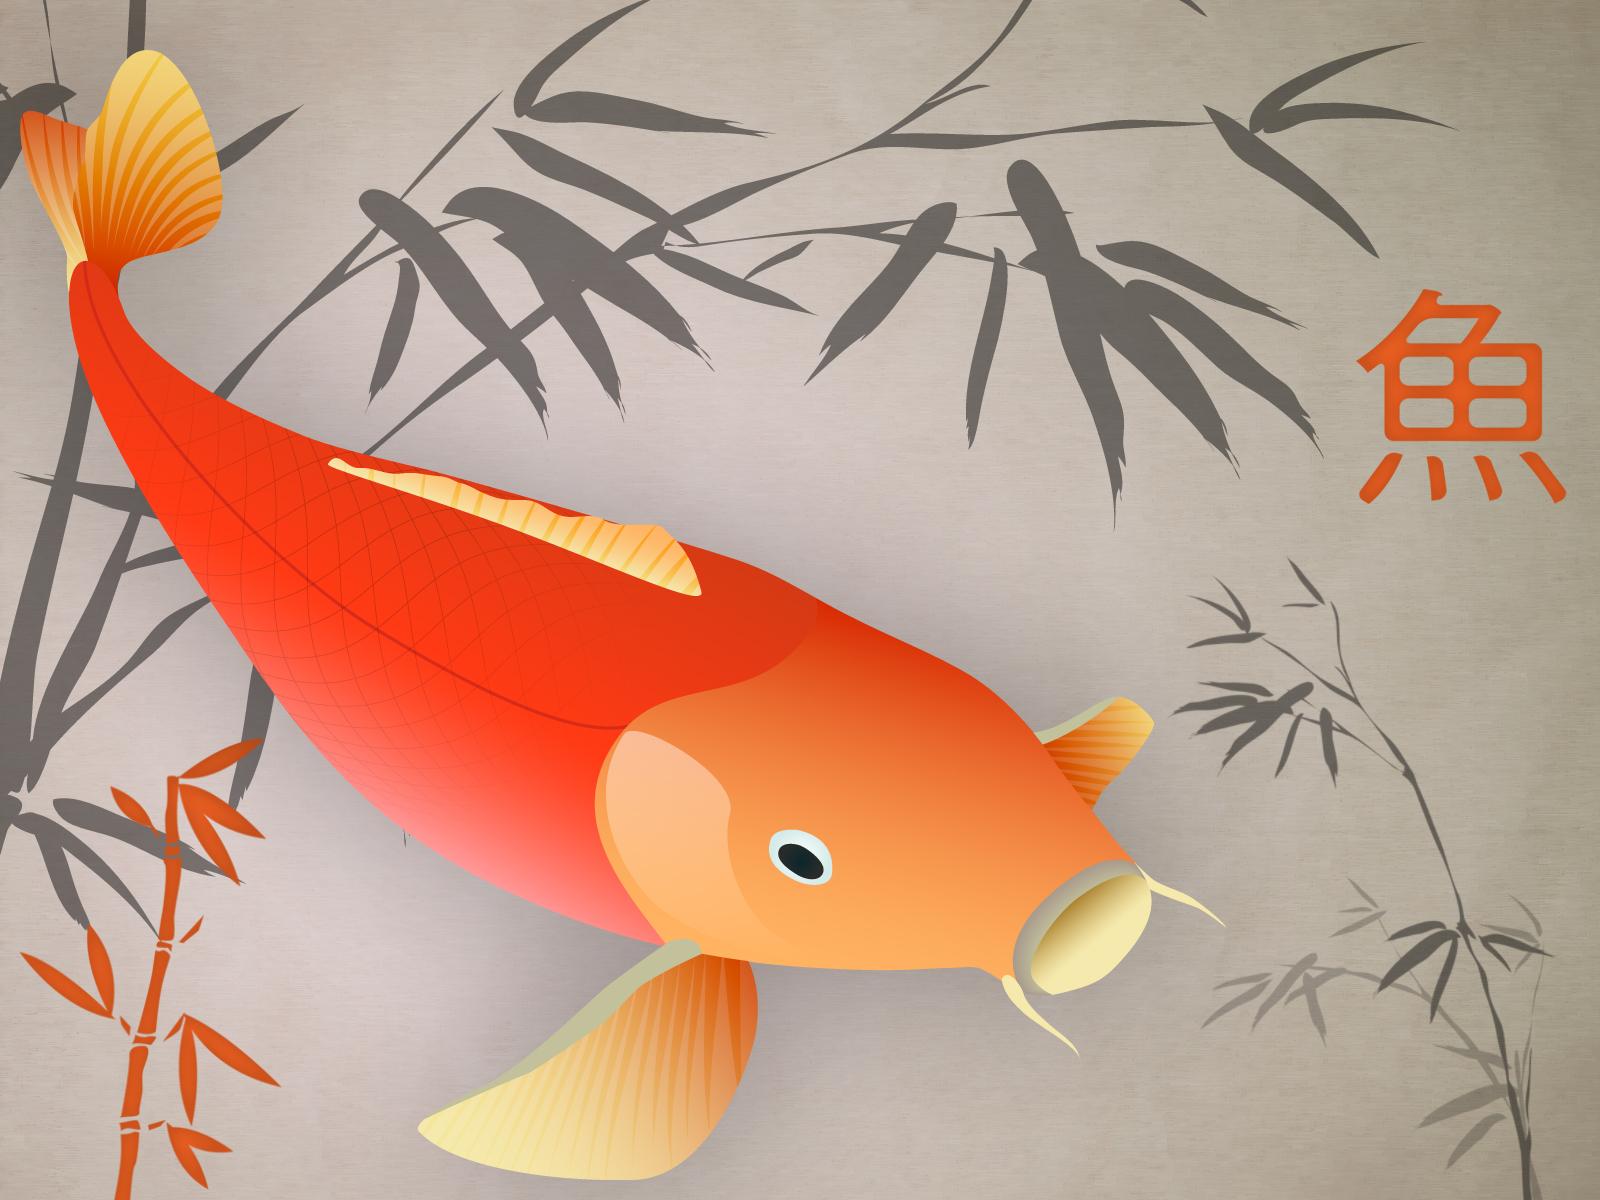 Free Download Japanese Koi Fish Japanese Carp Wallpaper